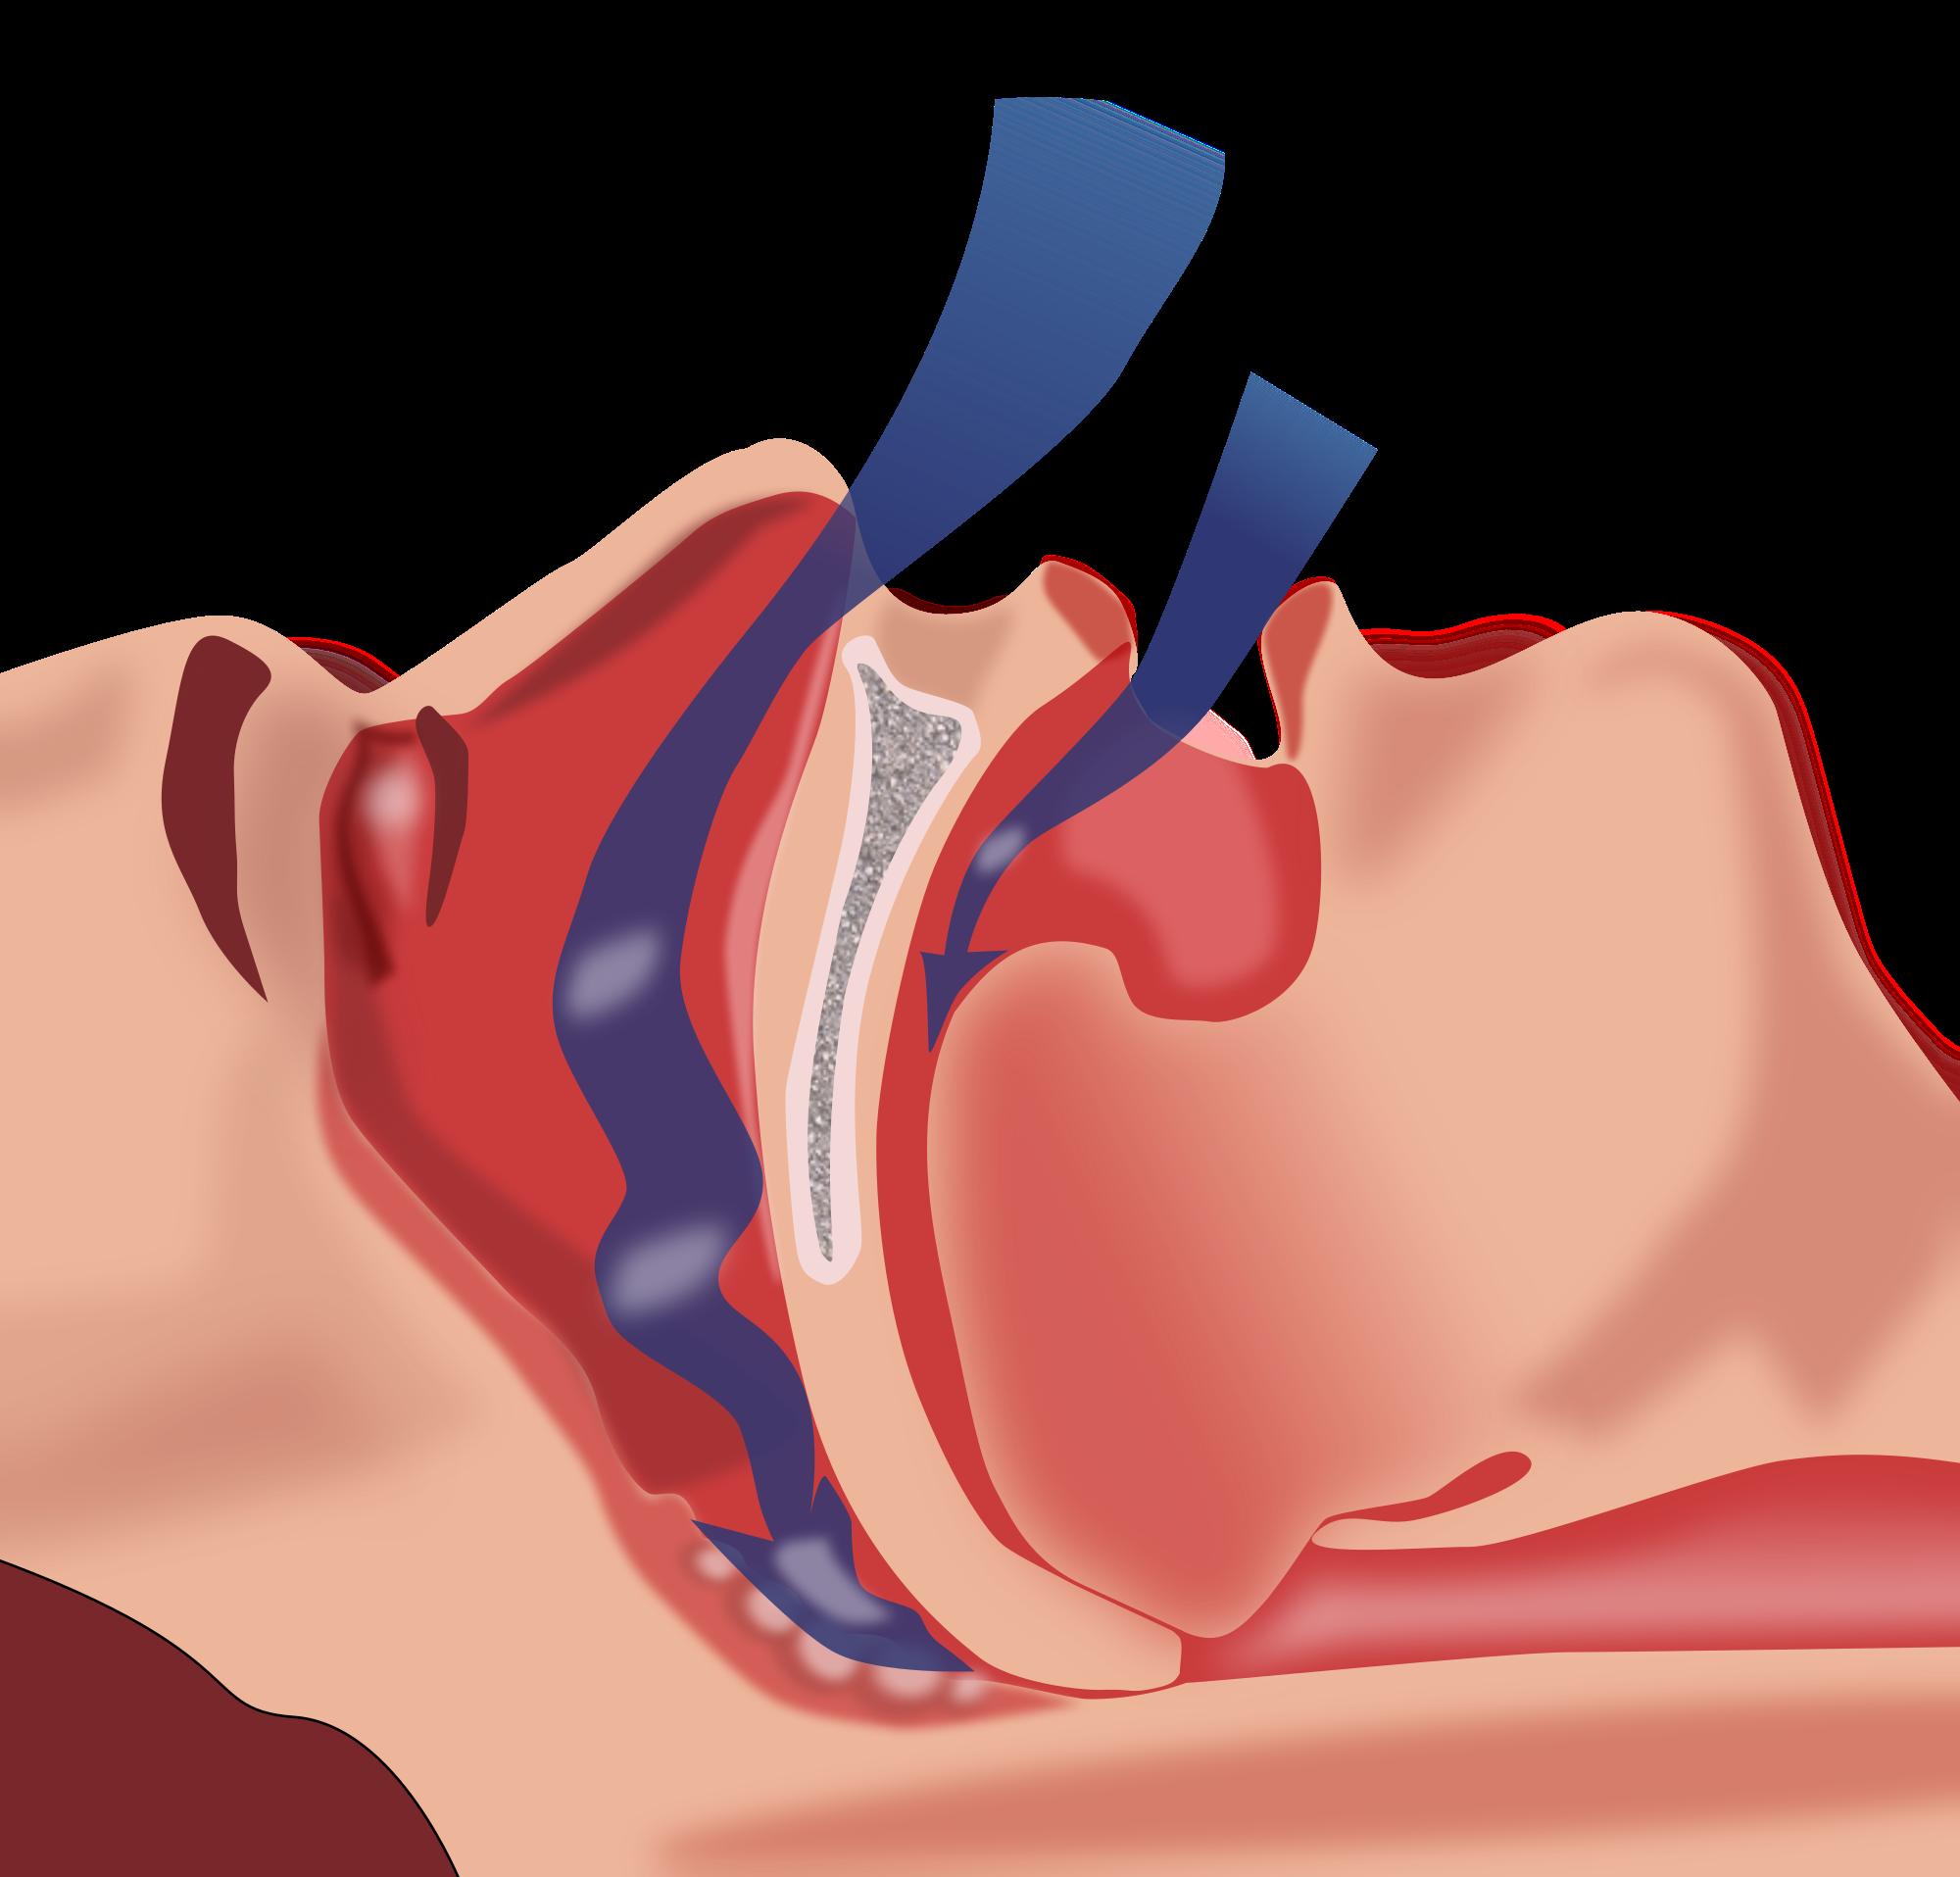 Ilustração mostra a obstrução da respiração, um dos principais distúrbios do sono